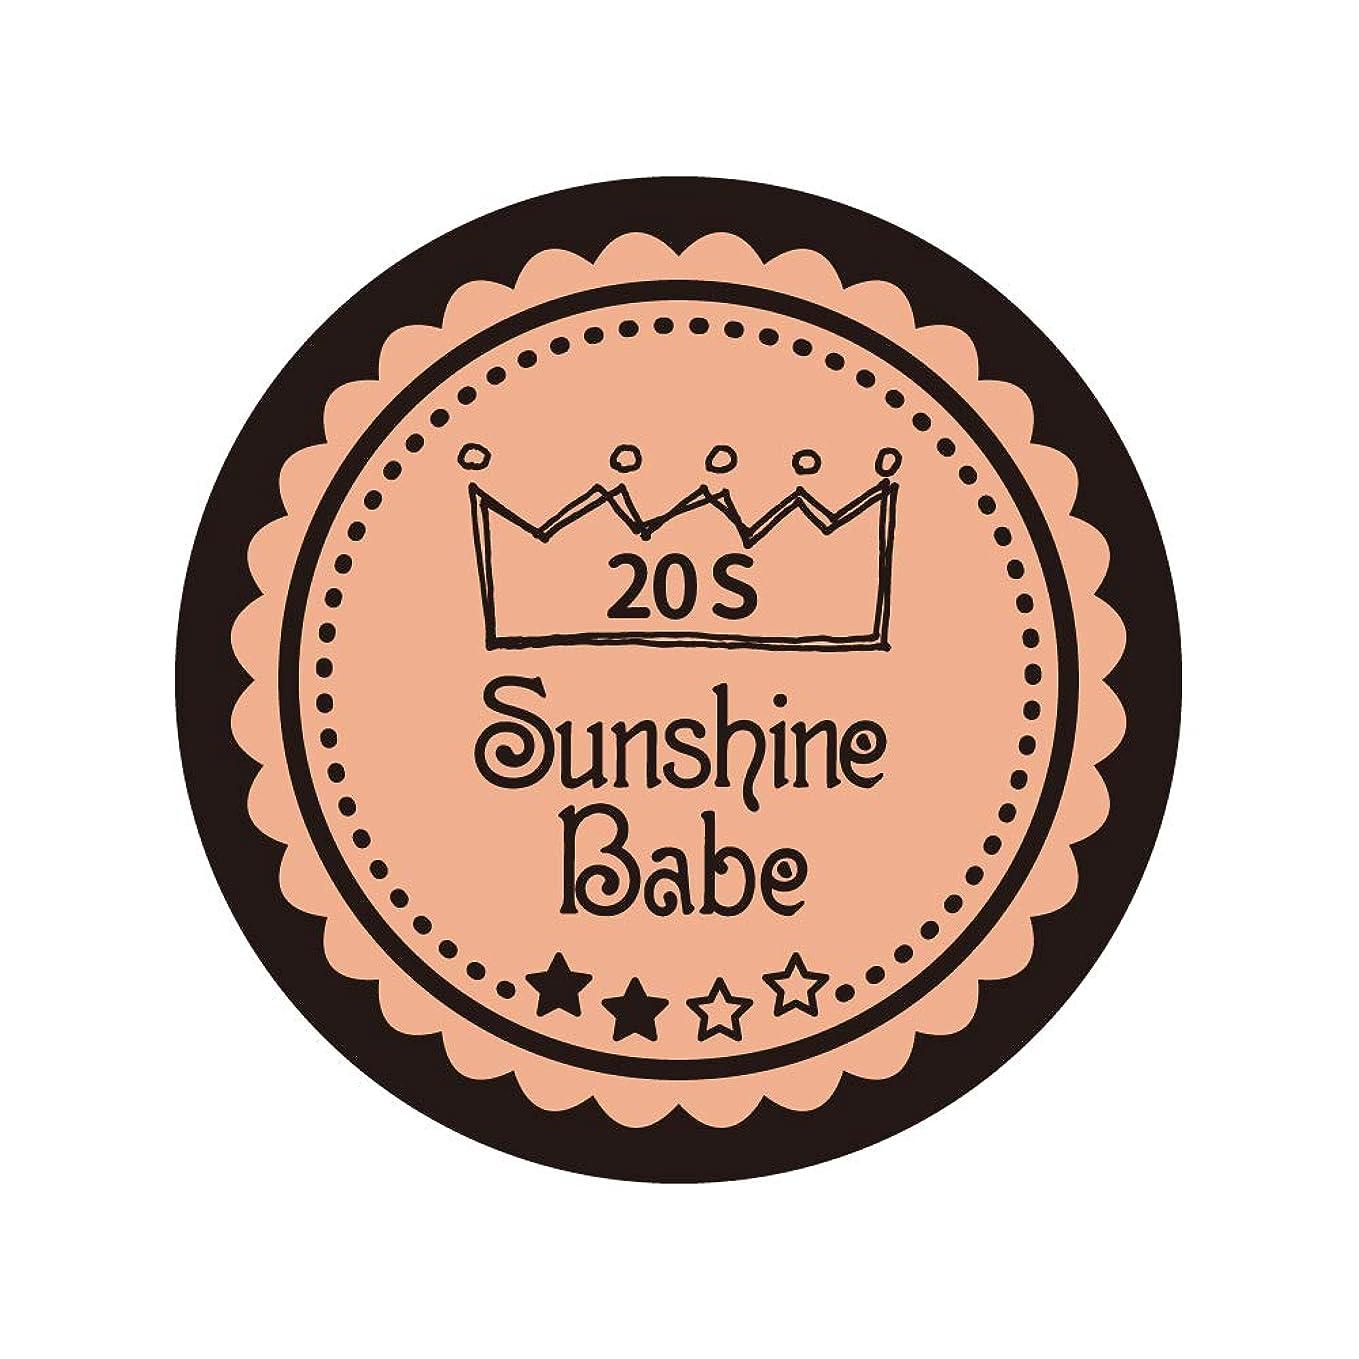 委任放出タンカーSunshine Babe コスメティックカラー 20S ヌーディーベージュ 4g UV/LED対応